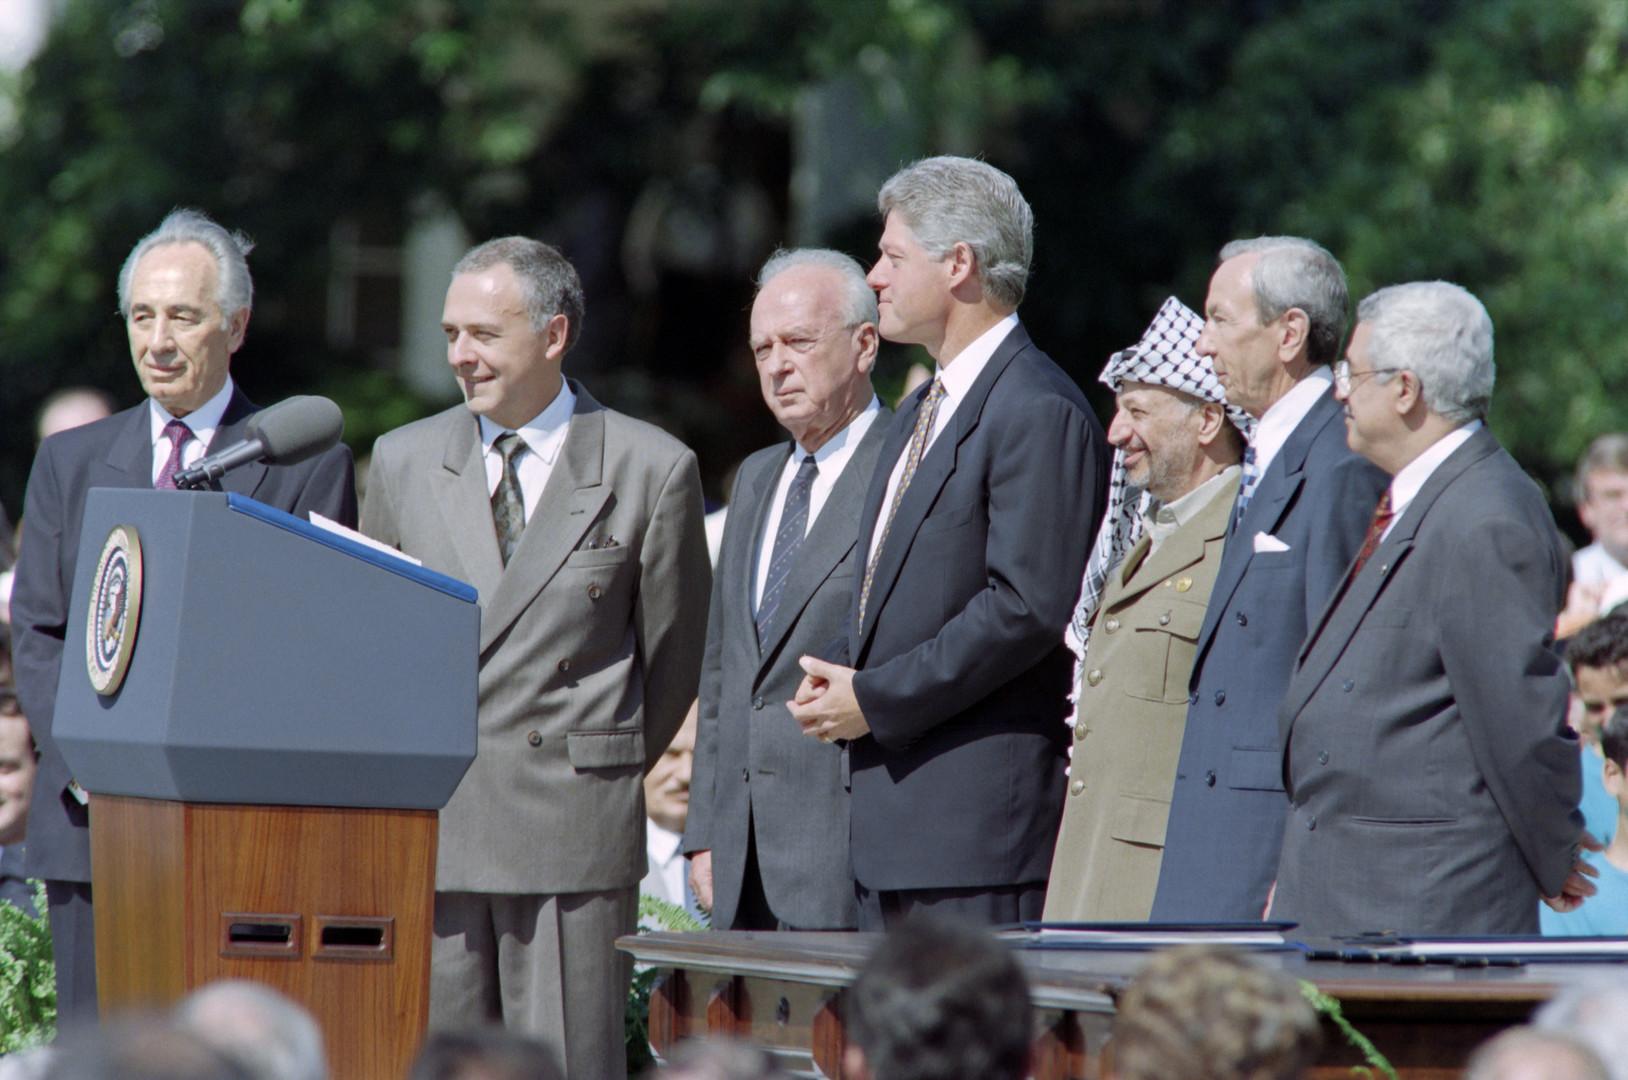 Il y a 30 ans, Arafat proclamait l'Etat palestinien : qu'est devenue la «solution à deux Etats» ?